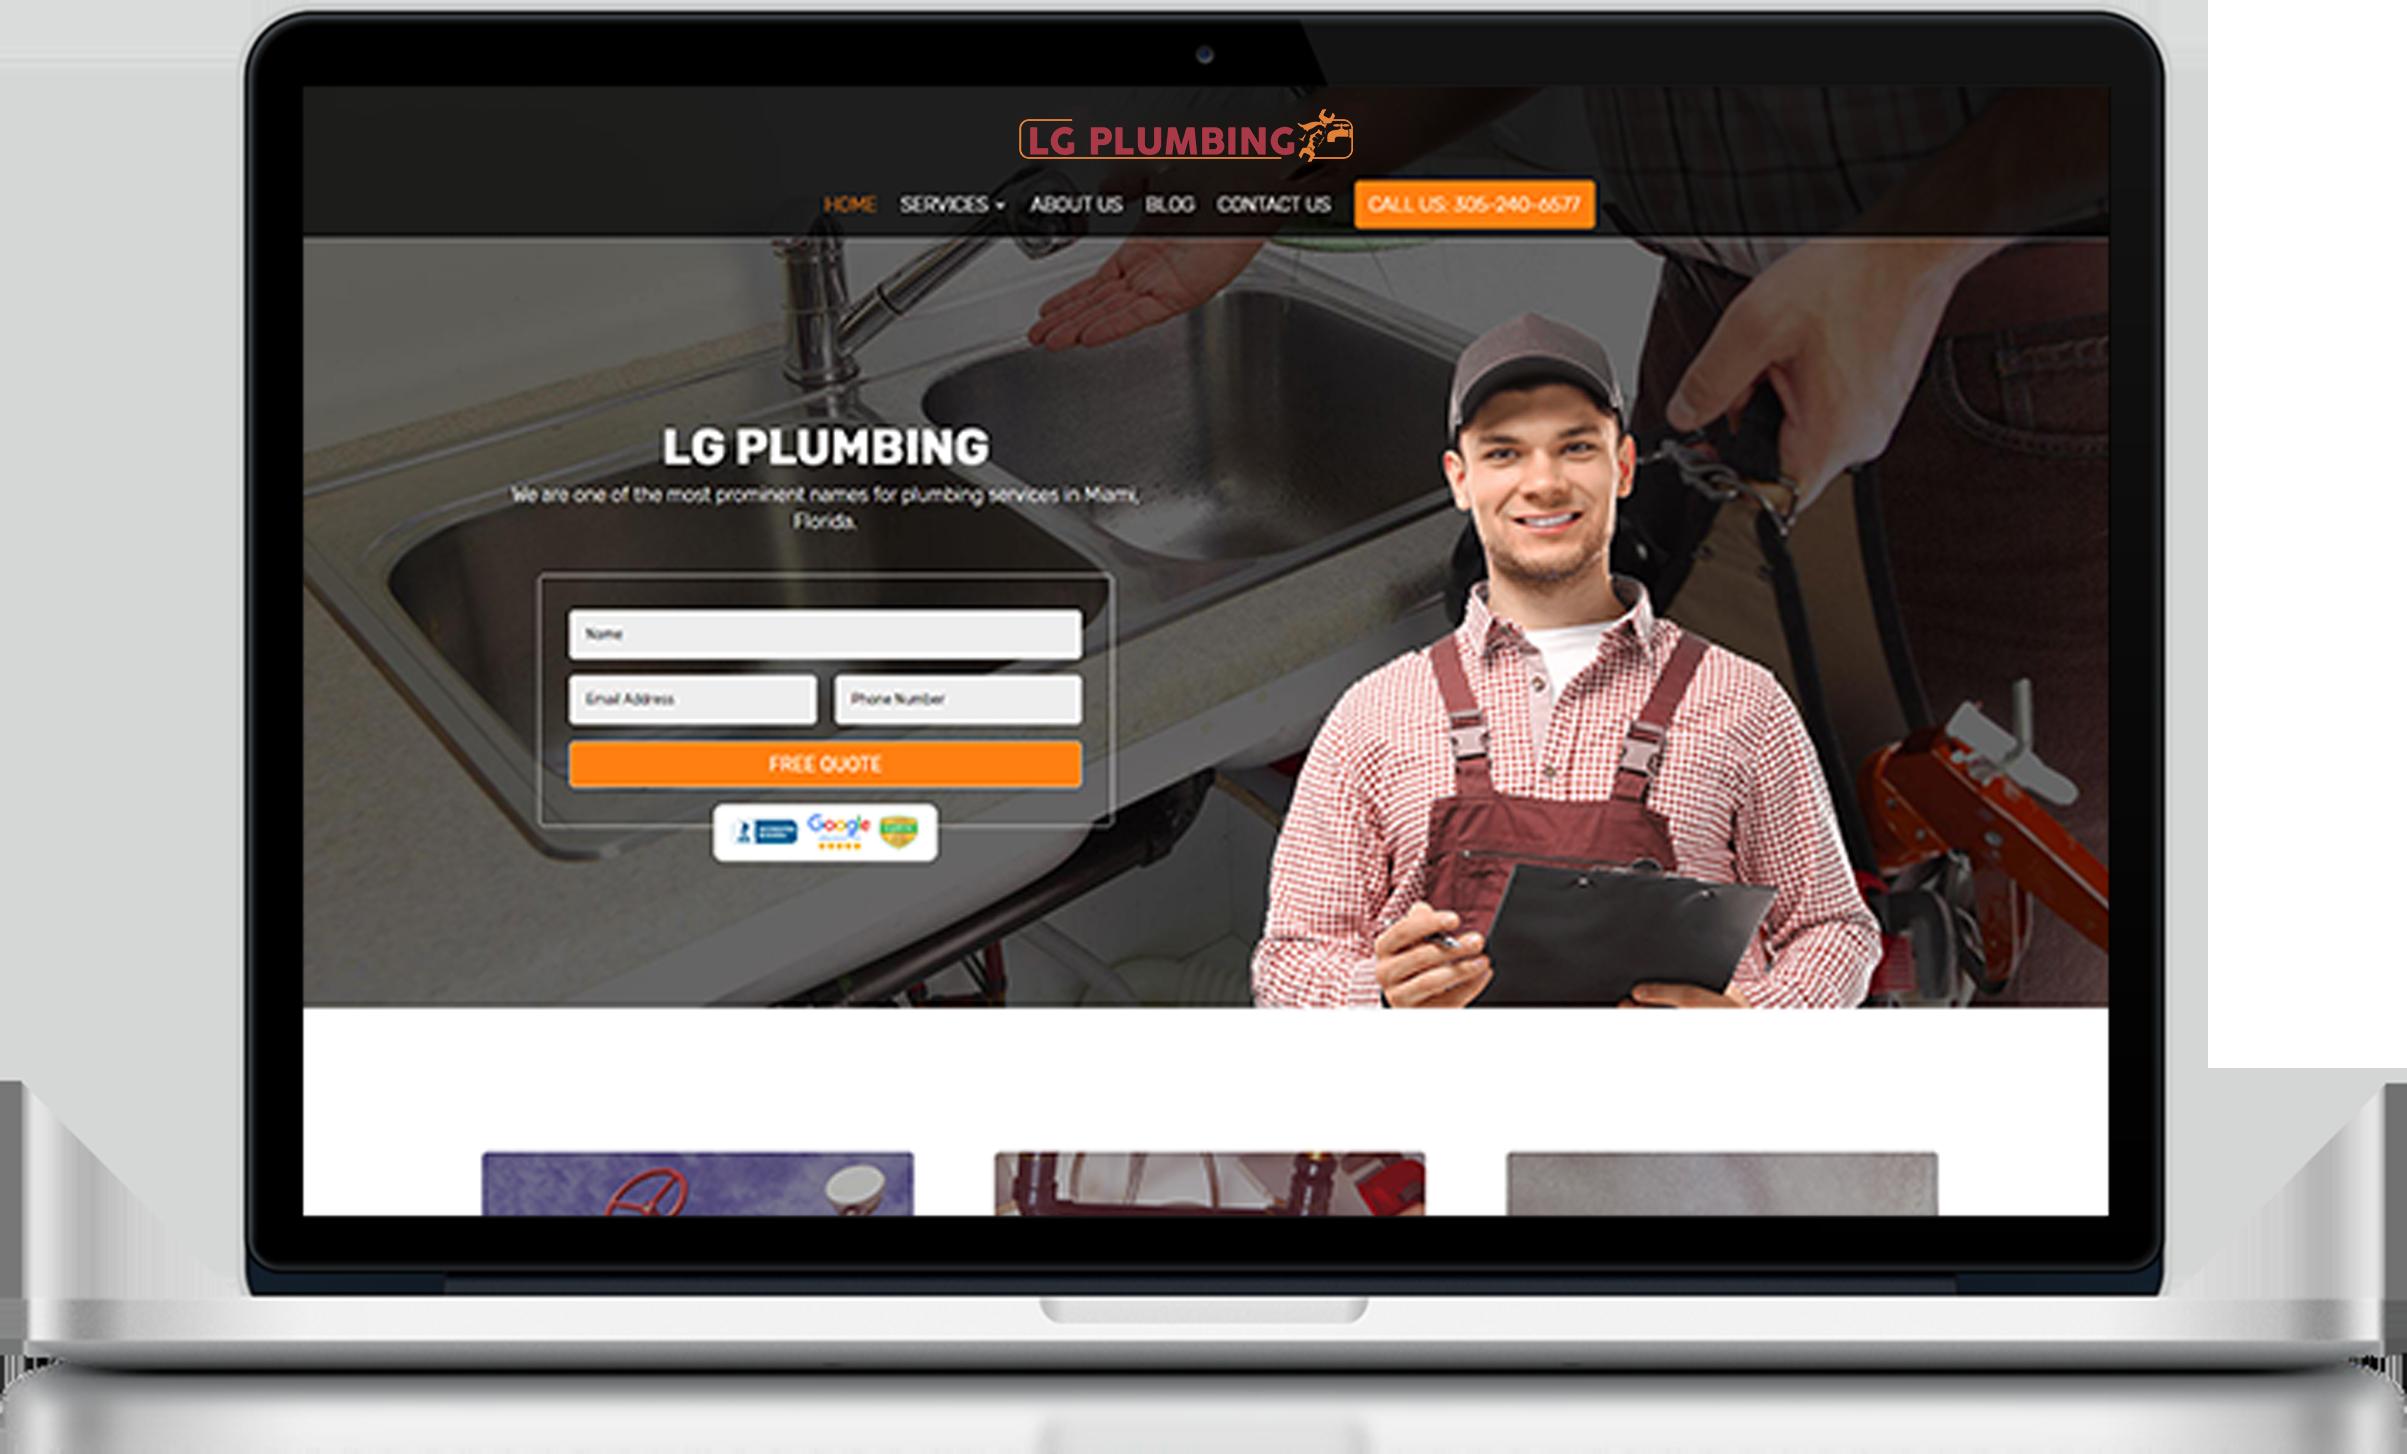 LG Plumbing